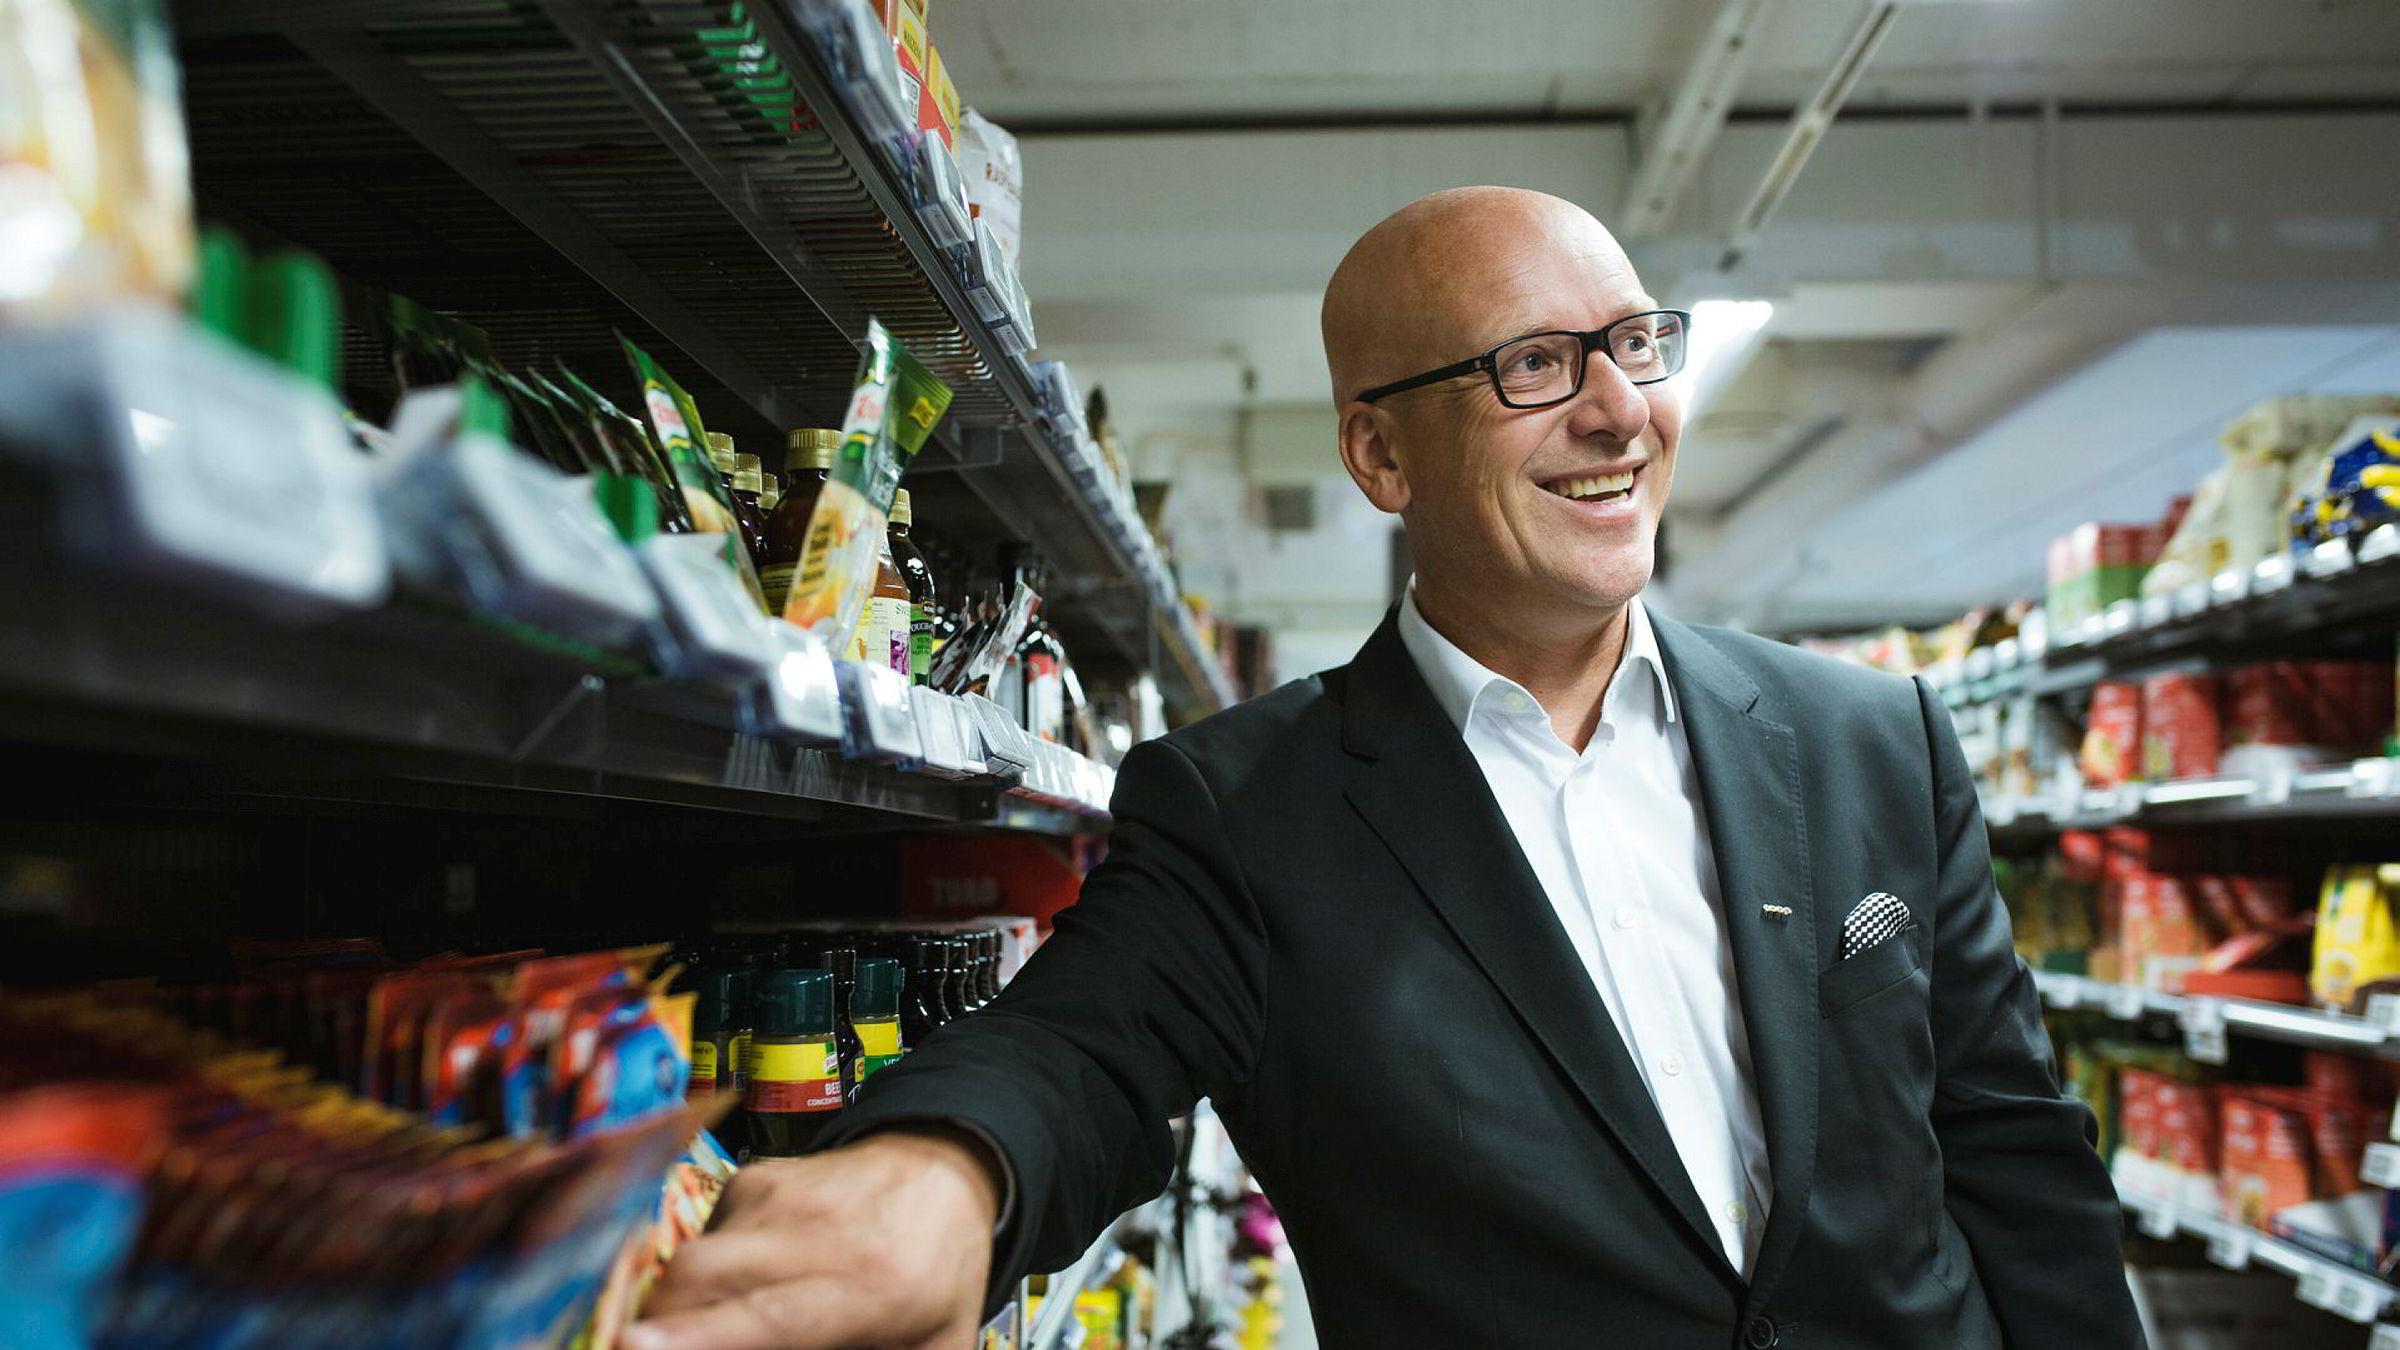 Coop har tradisjonelt stått sterkest utenfor Ring 3, men Geir Inge Stokke og samvirkelaget har fått hånd om denne butikken på Aker Brygge som er en Coop Mega. Stokke mener Coop er godt mottatt i Norges finanssentrum.